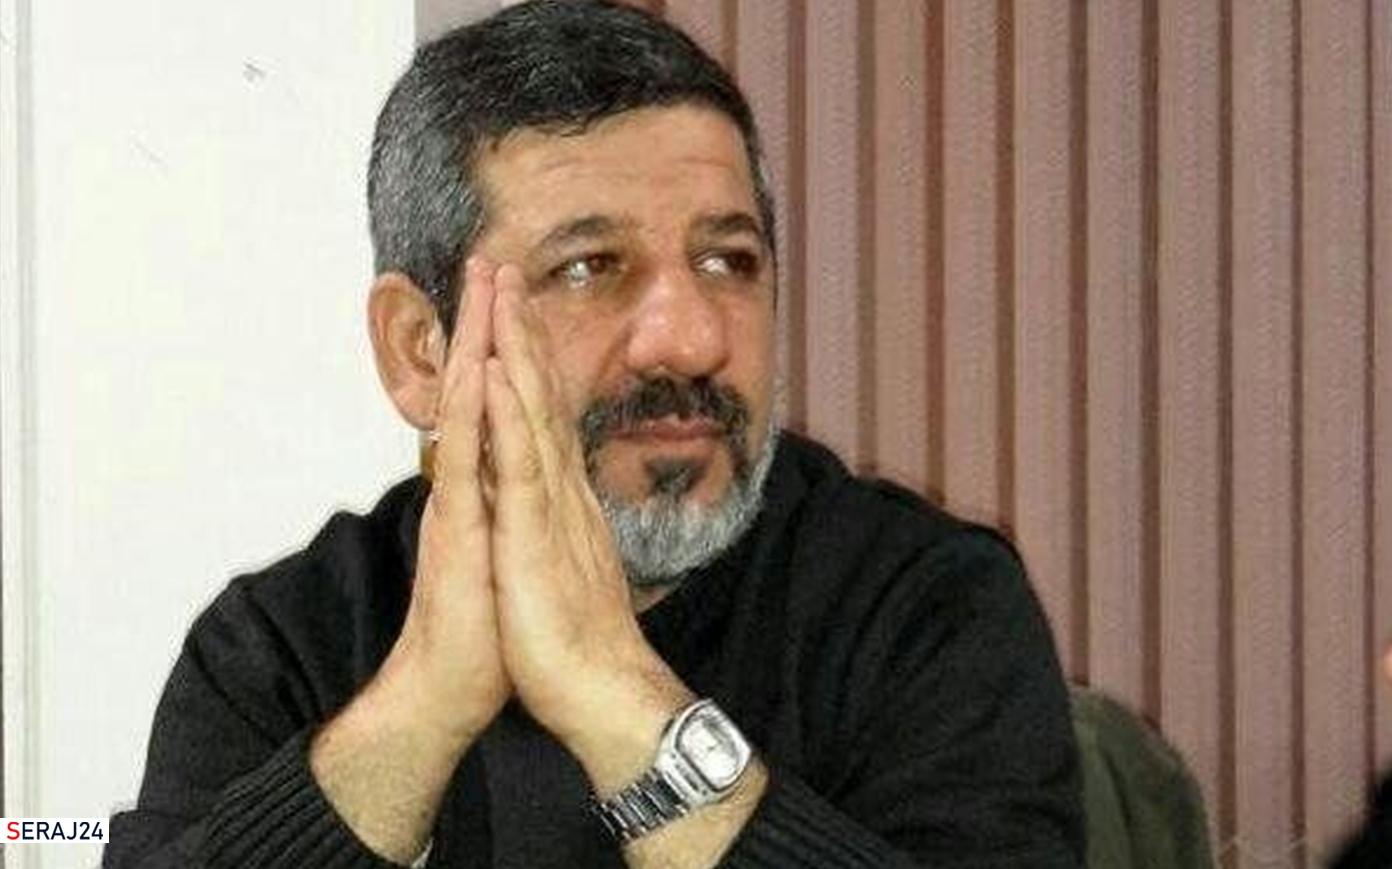 رئیسی باید تعهدات نیمه تمام دولت روحانی را تکمیل کند/وزیرانی کارآمد انتخاب شوند